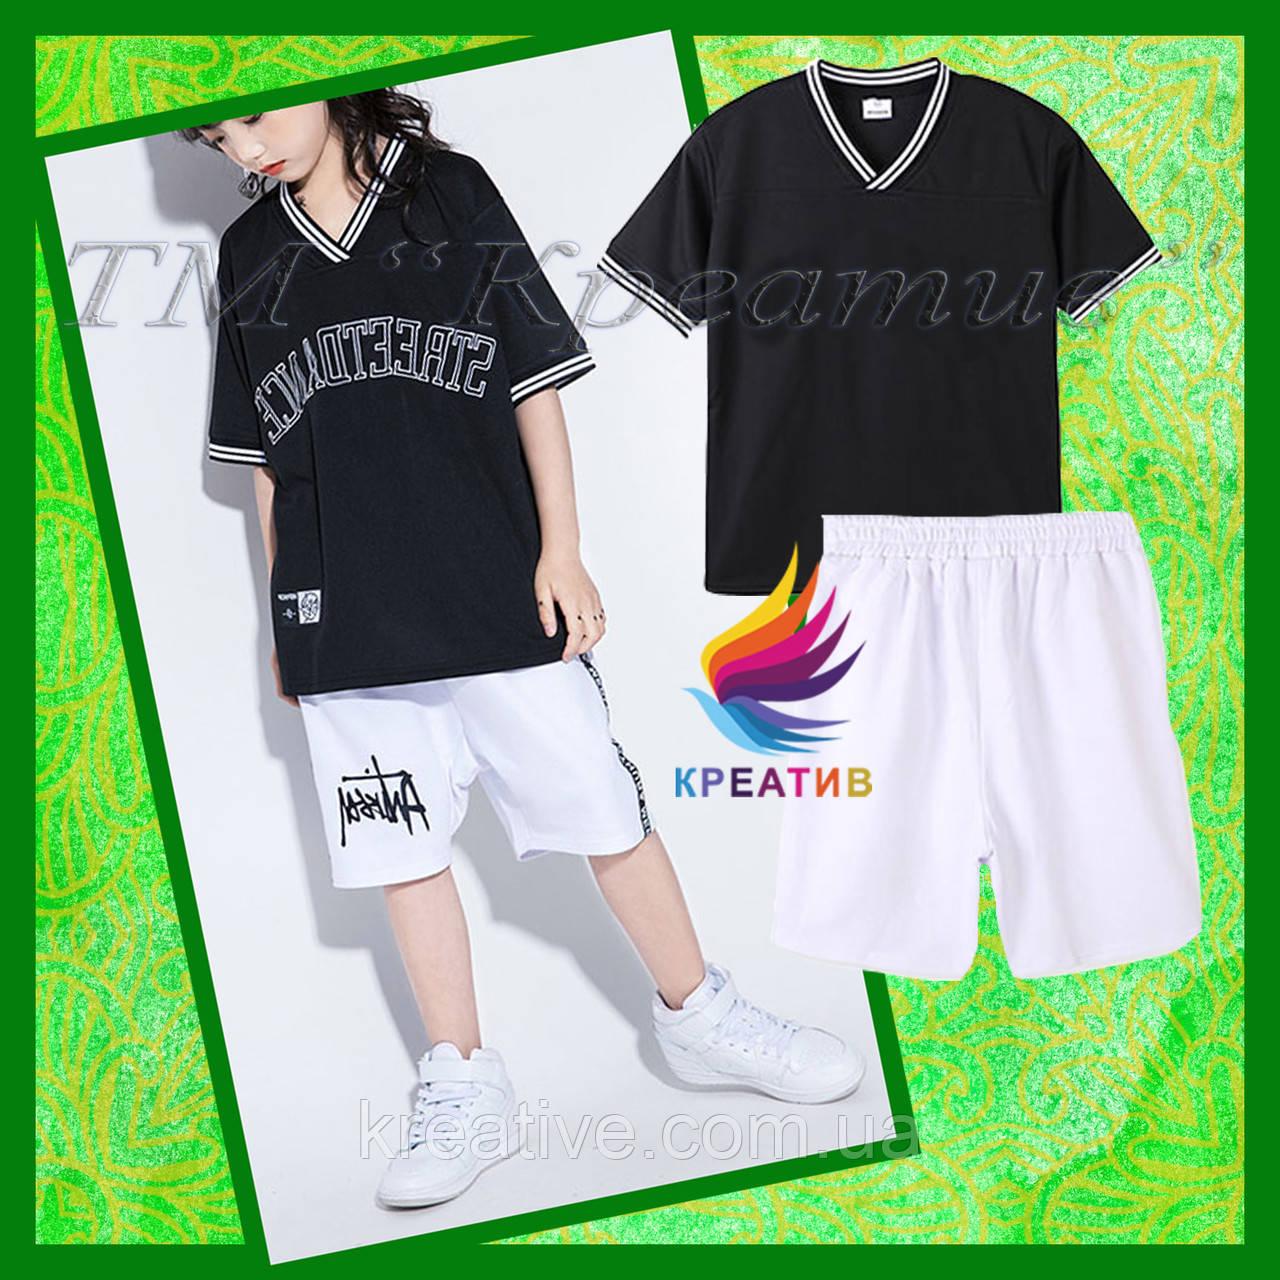 Шорты футболки детские оптом (под заказ от 50 шт) с НДС